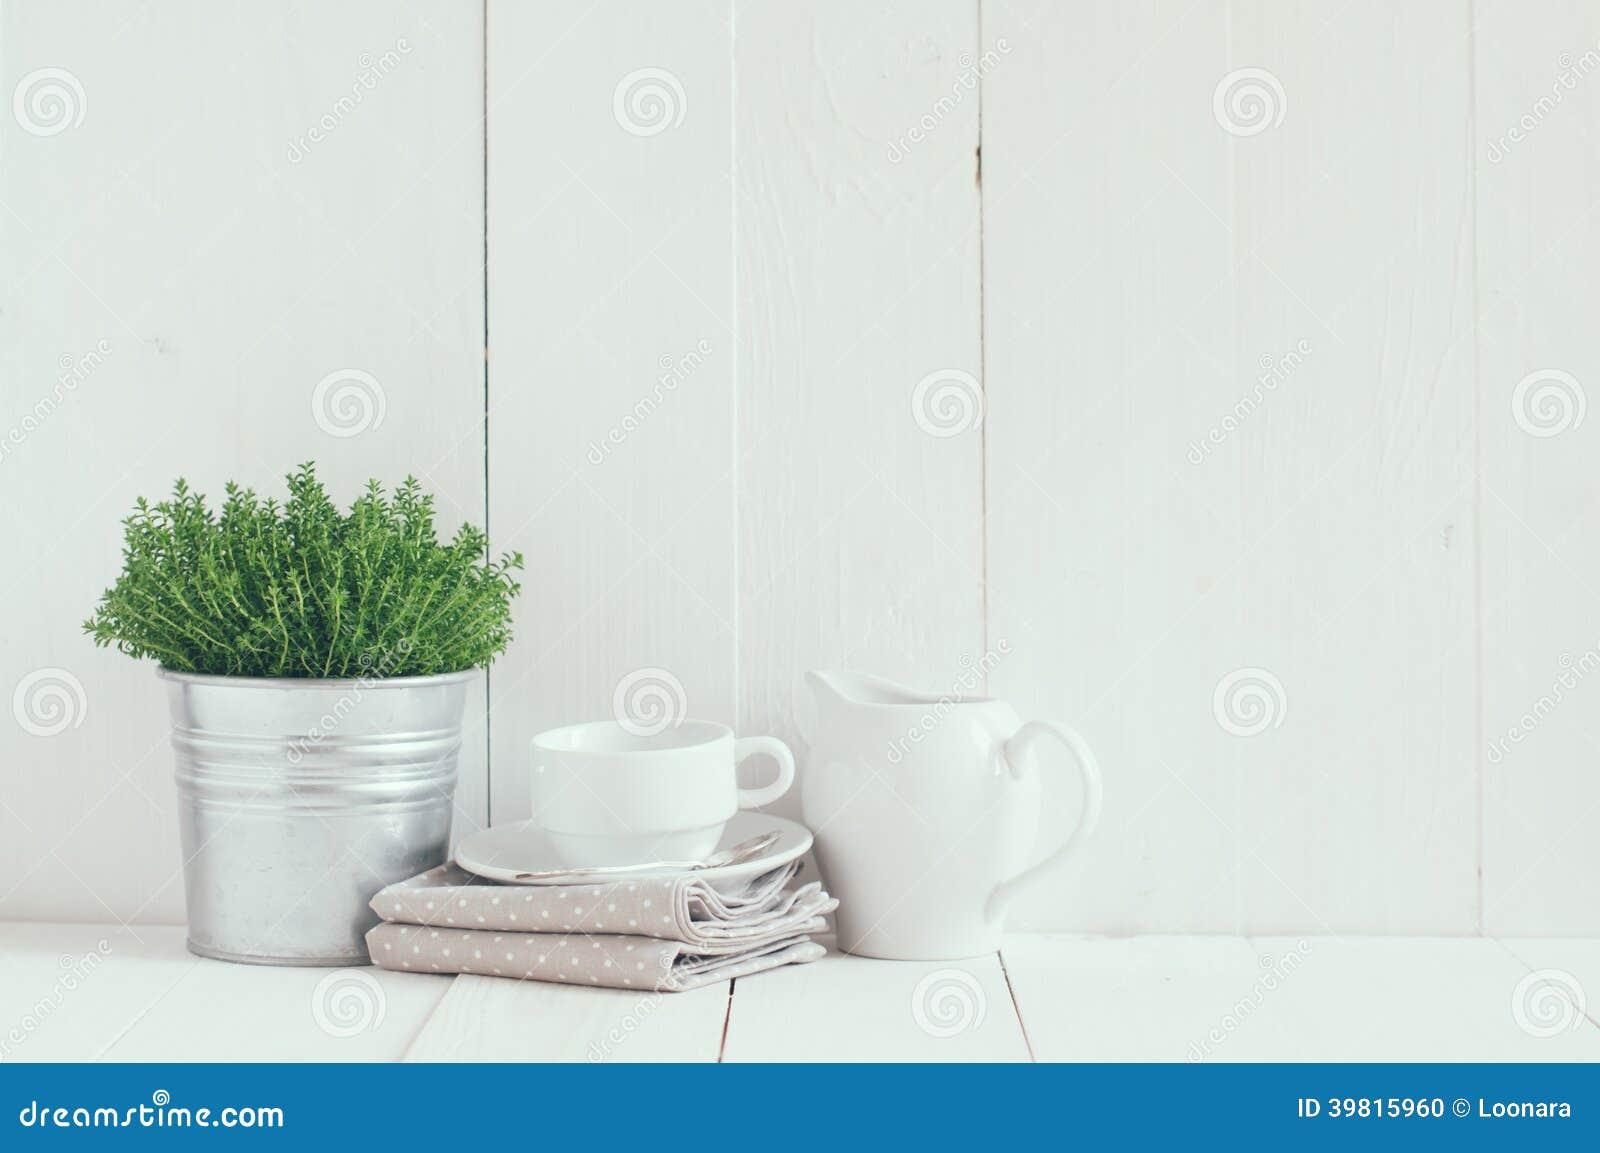 Foto de Stock: Decoração da cozinha do país #82A229 1300 953